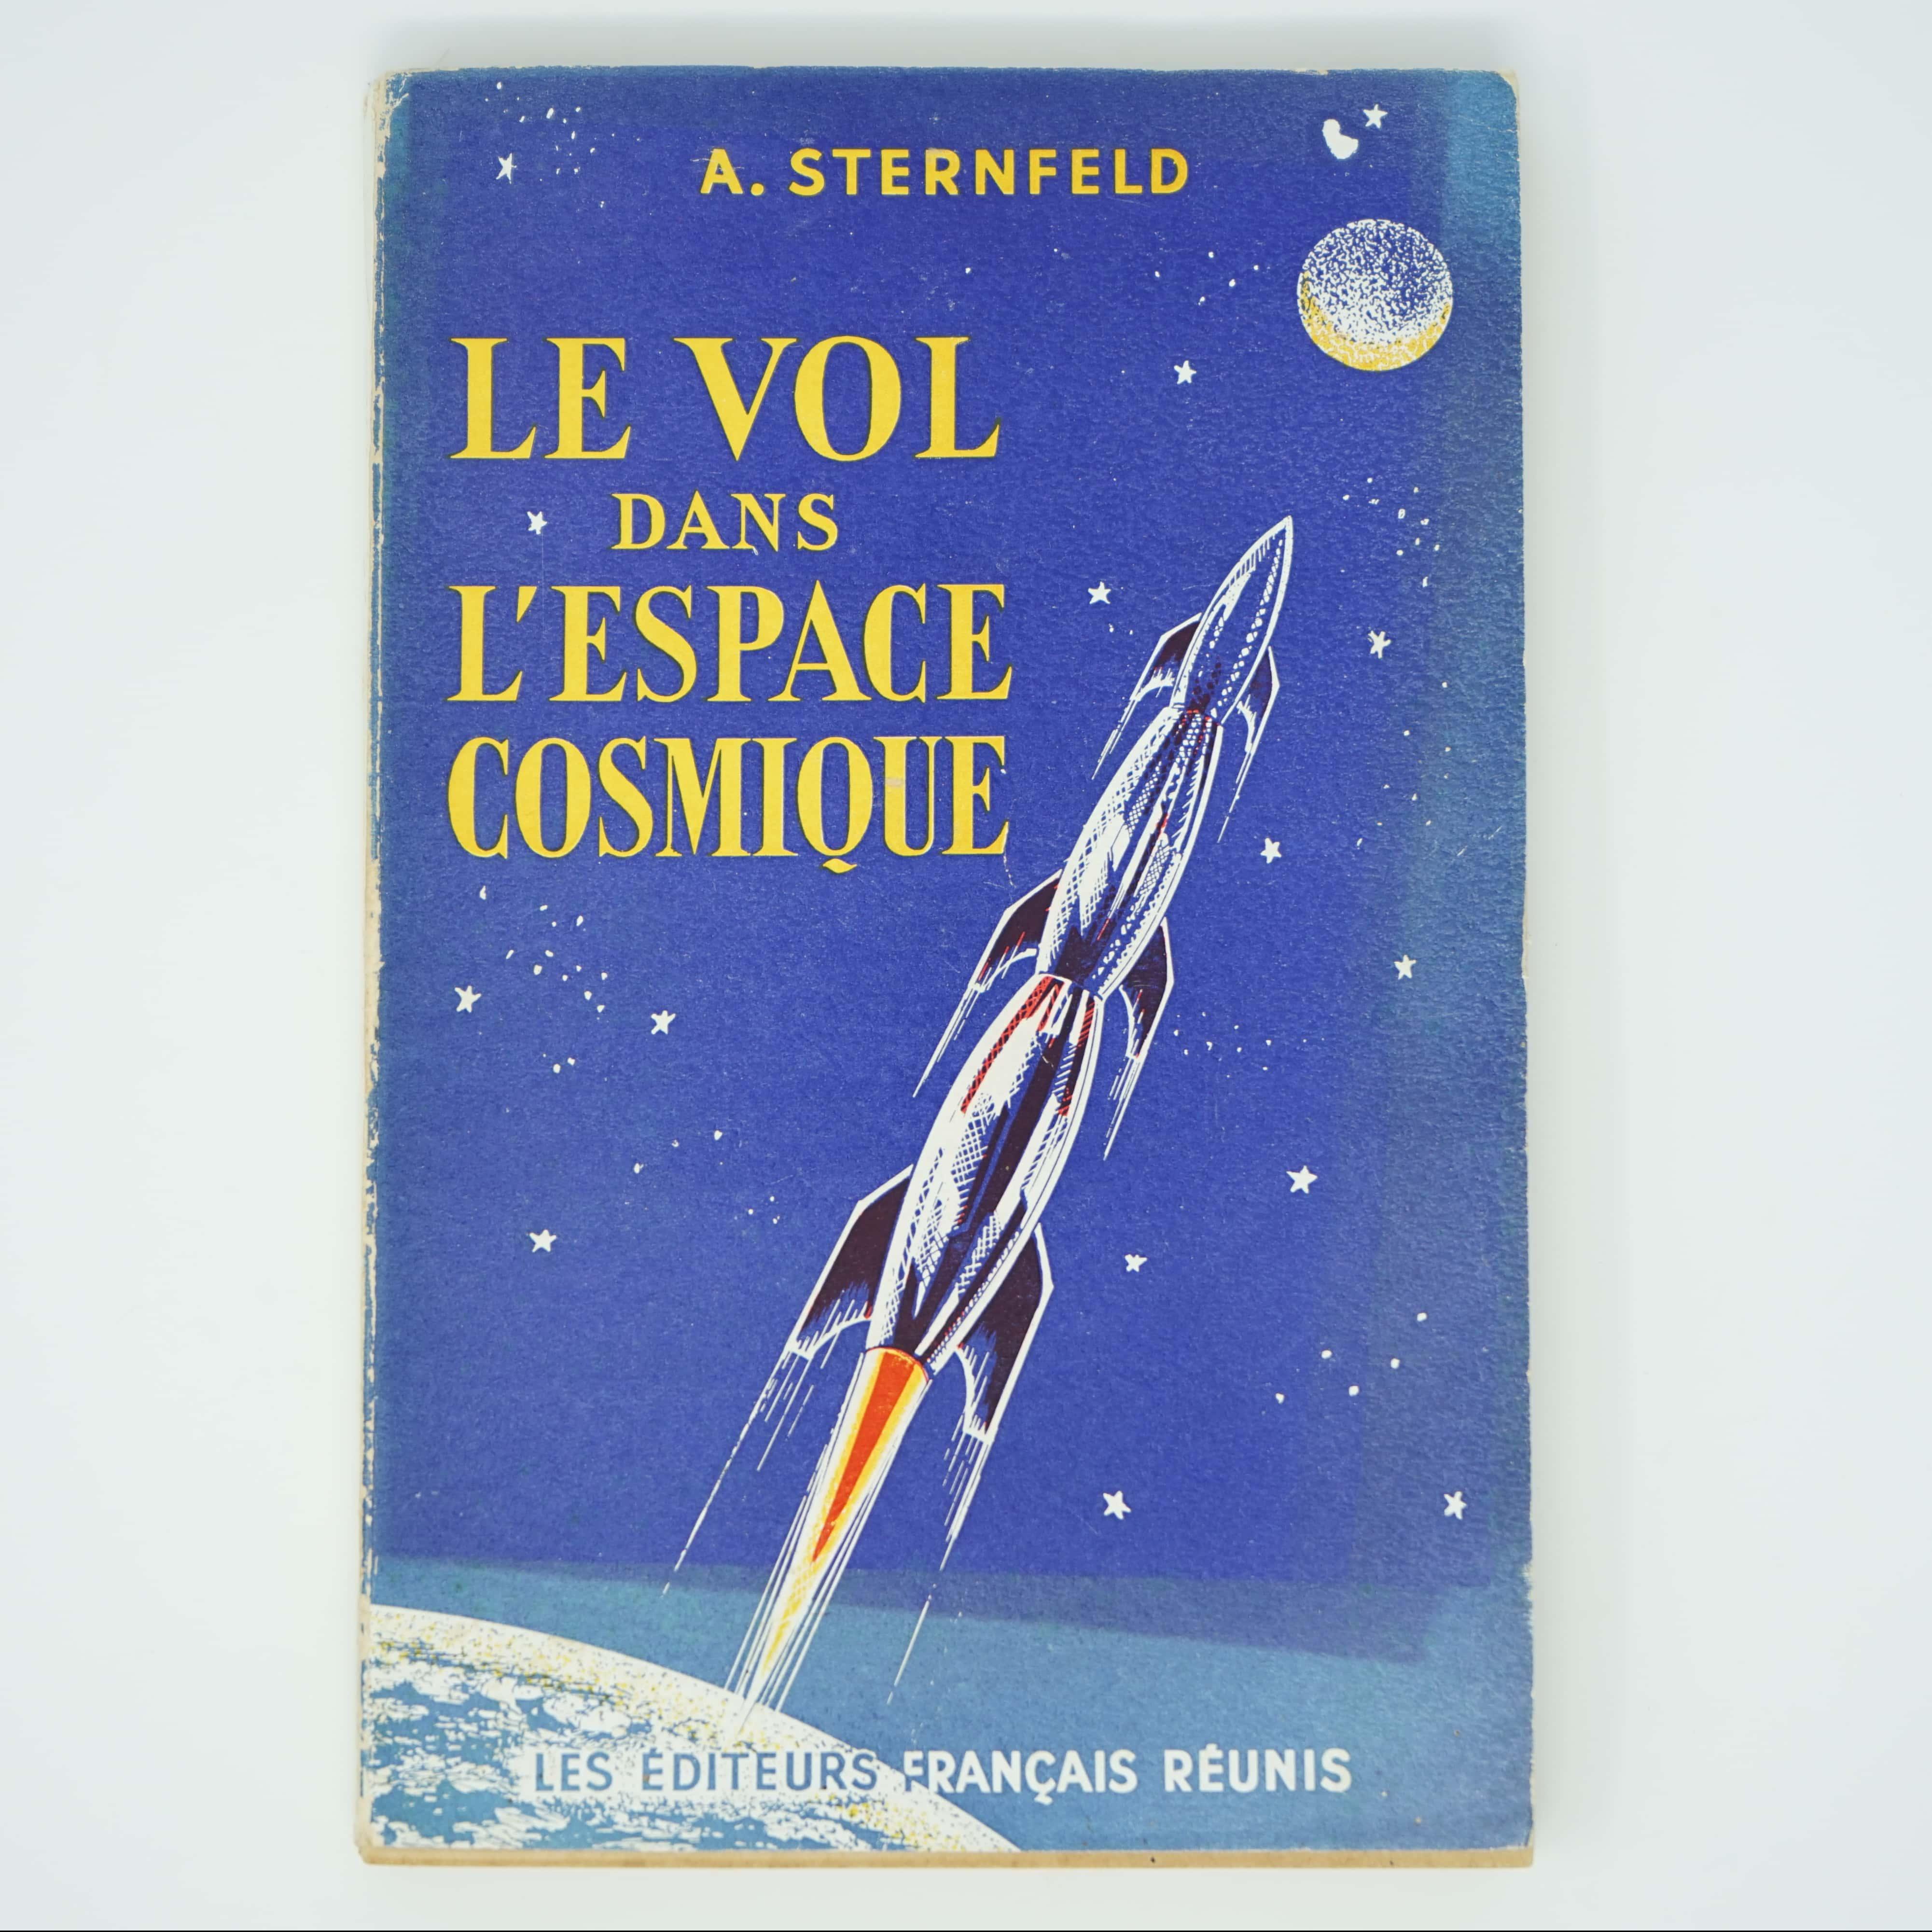 Livre Le Vol Dans l'Espace Cosmique